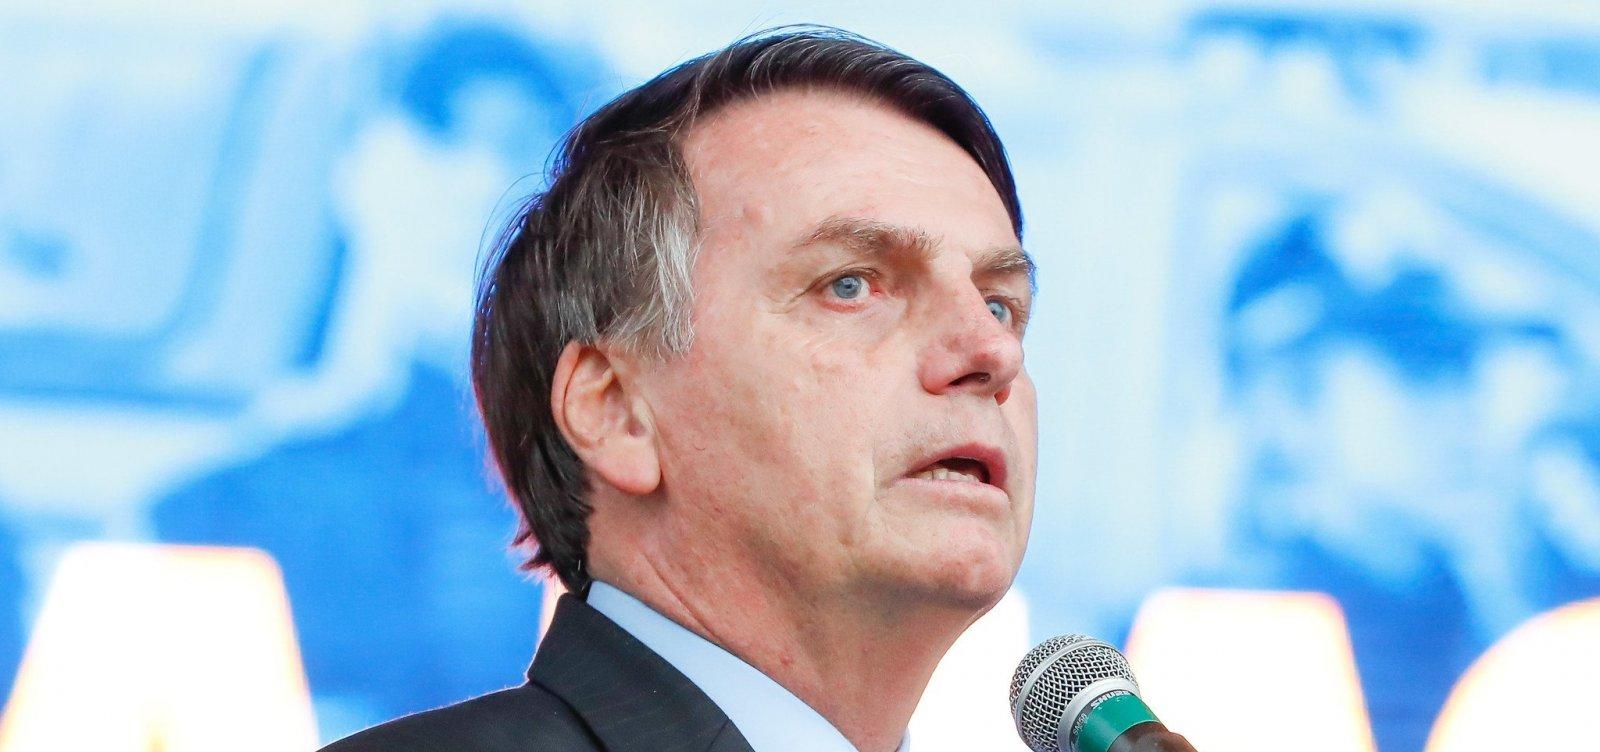 [Bloco de oposição entra com notícia-crime contra Bolsonaro, filho e Moro no STF]